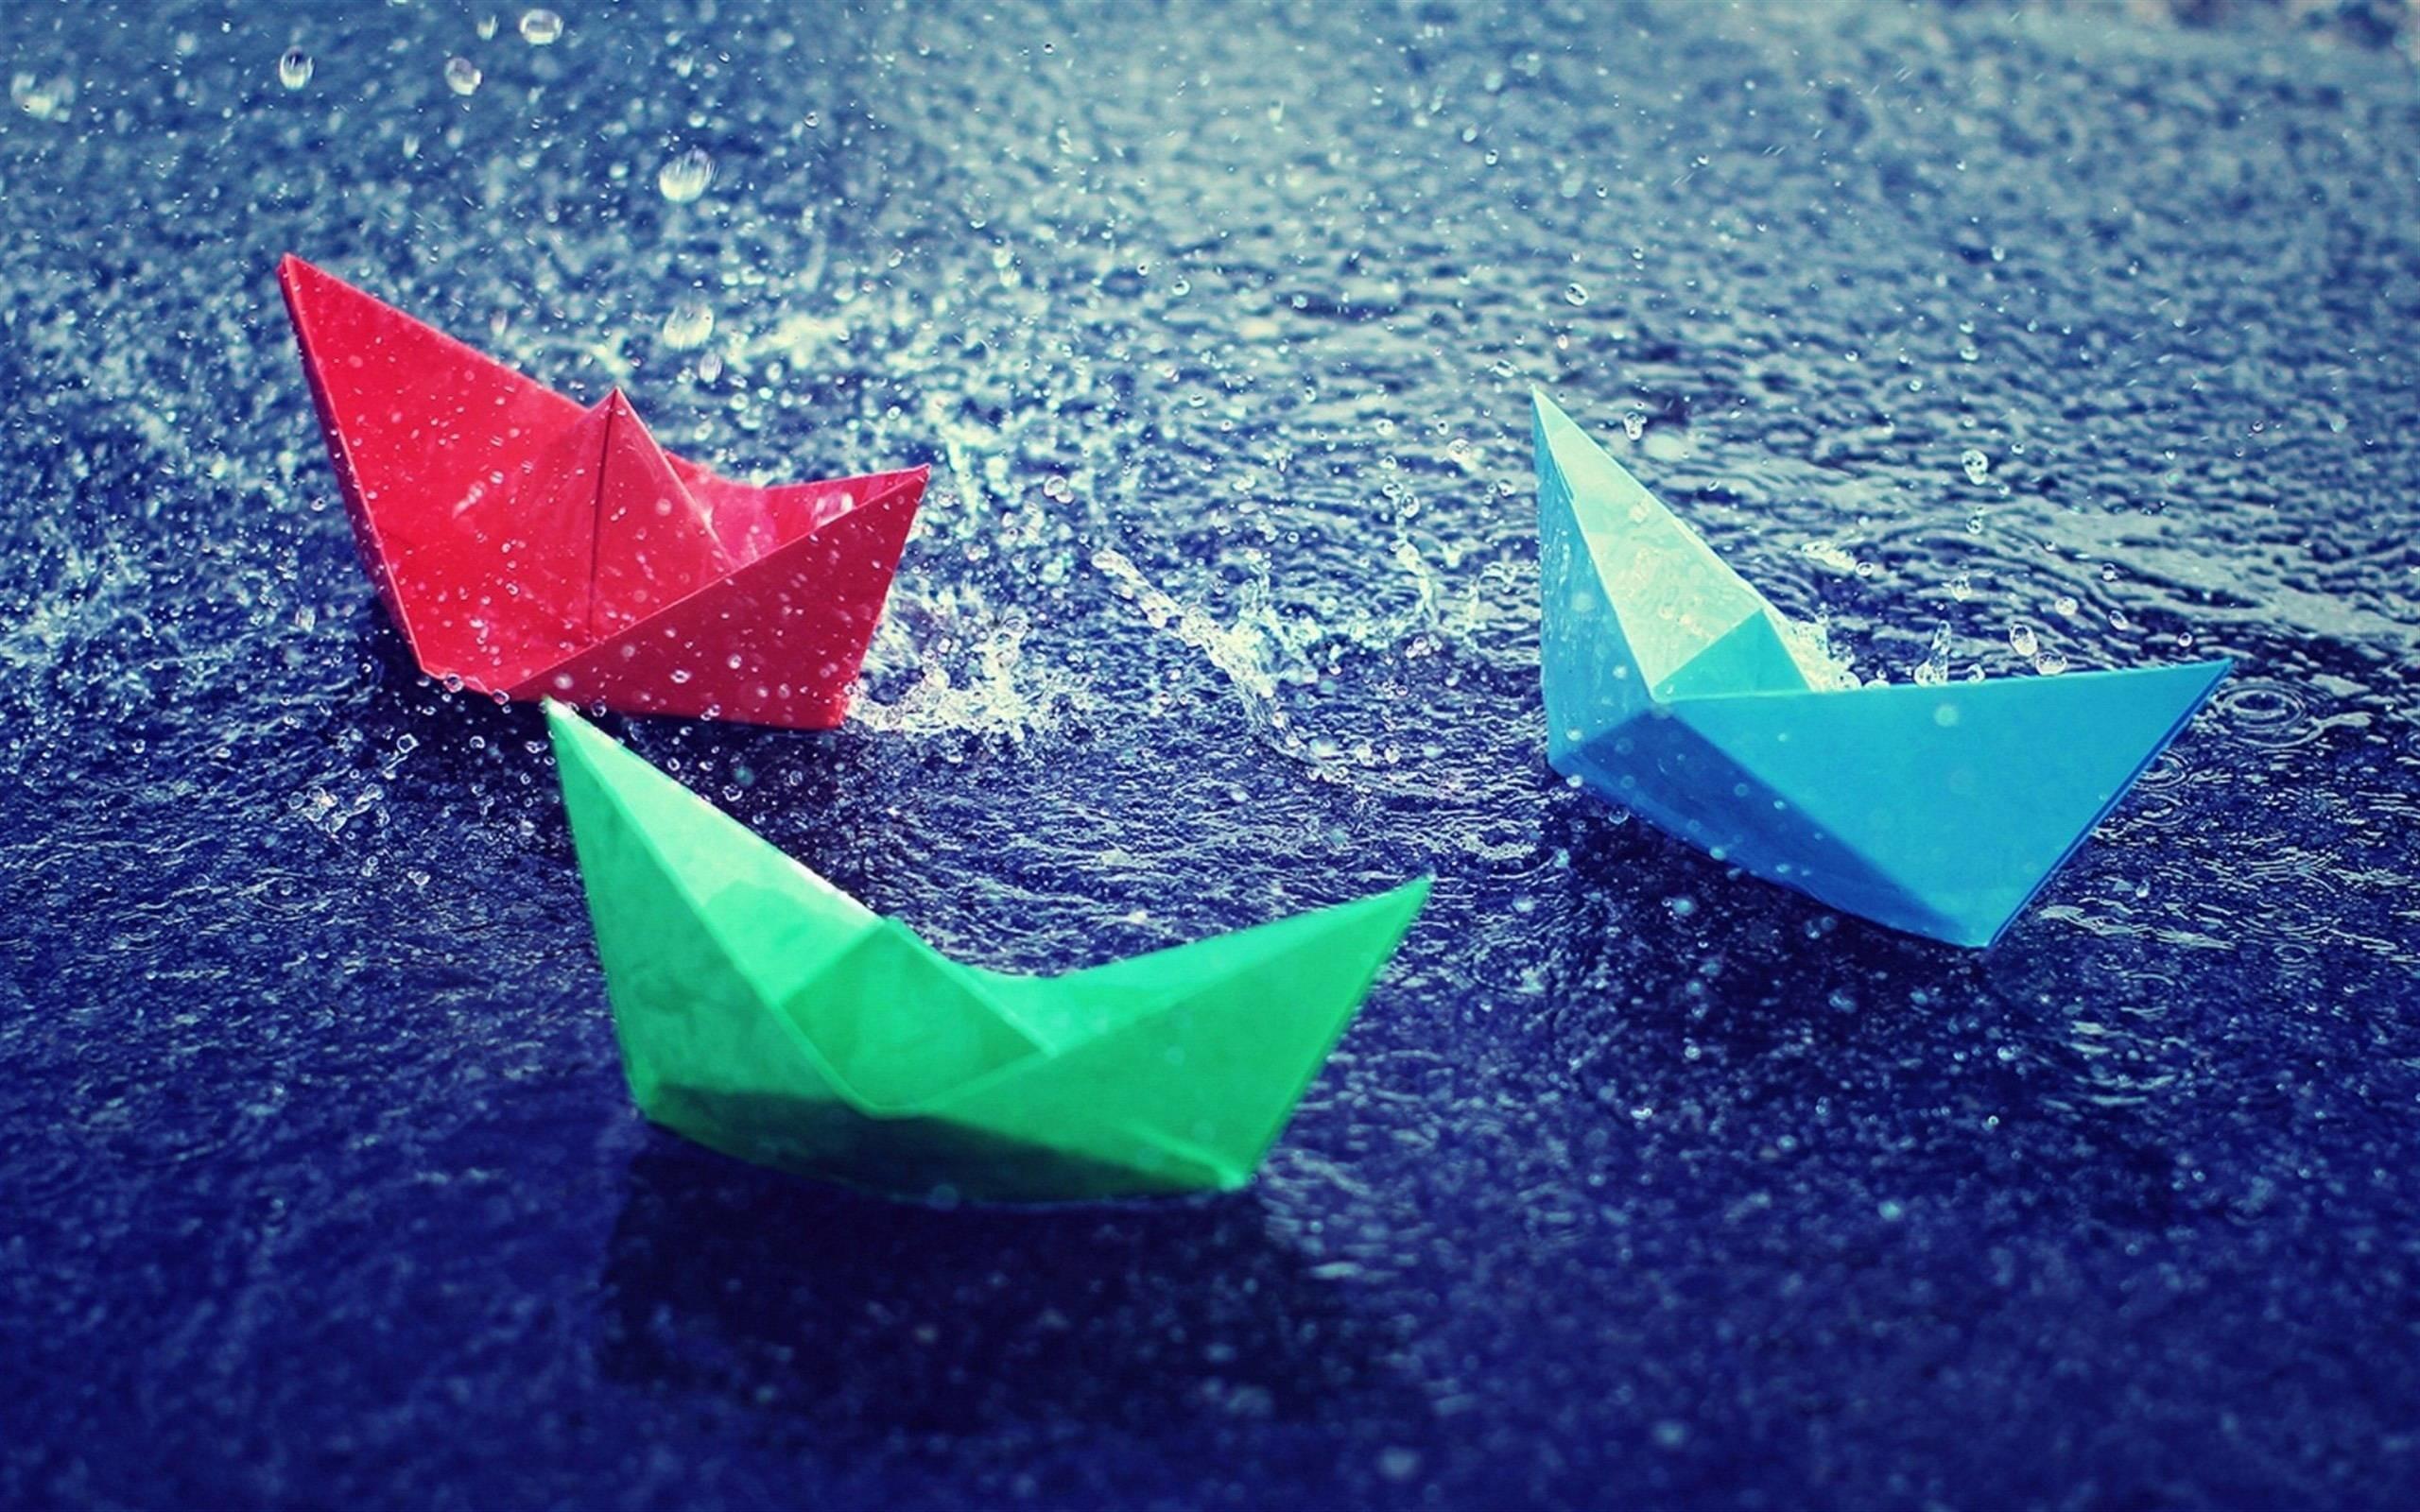 Rain Desktop Wallpaper & Pictures | Cool Wallpapers